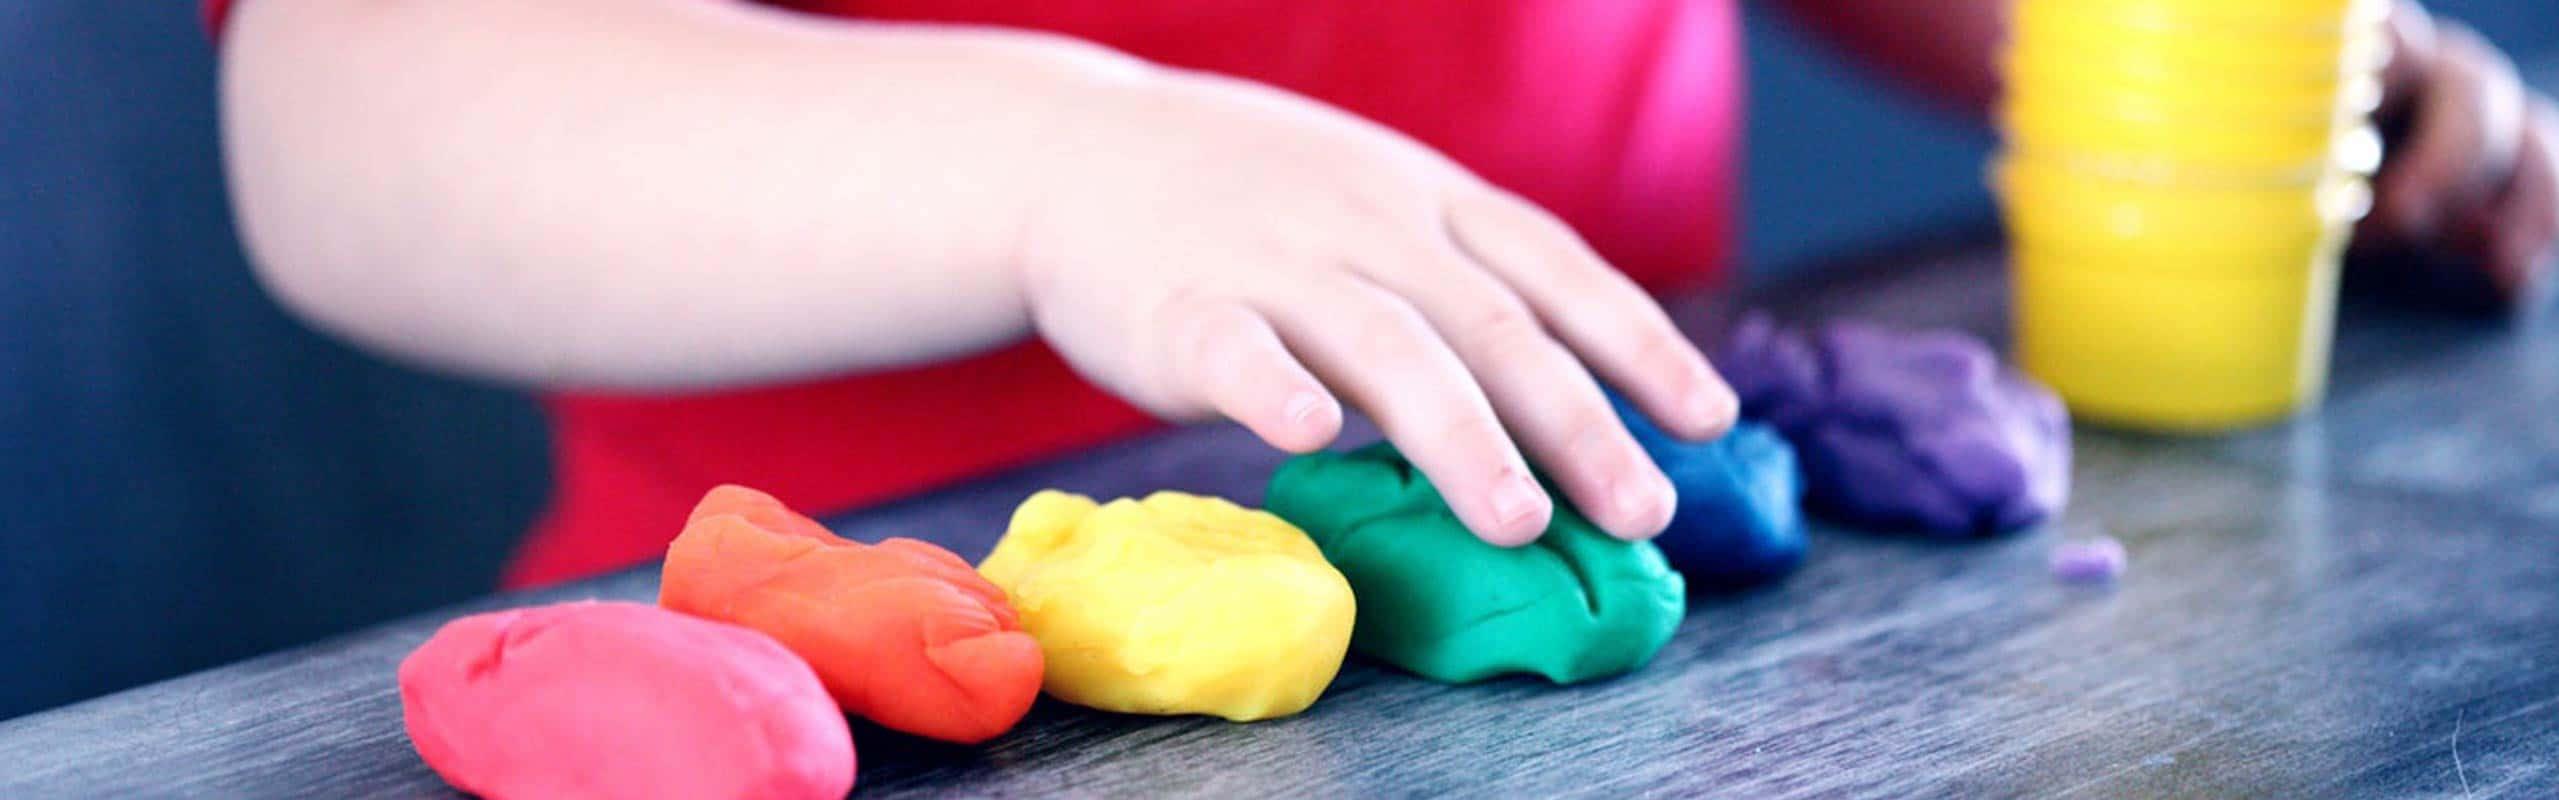 Principales alteraciones en el desarrollo cognitivo, causas y características